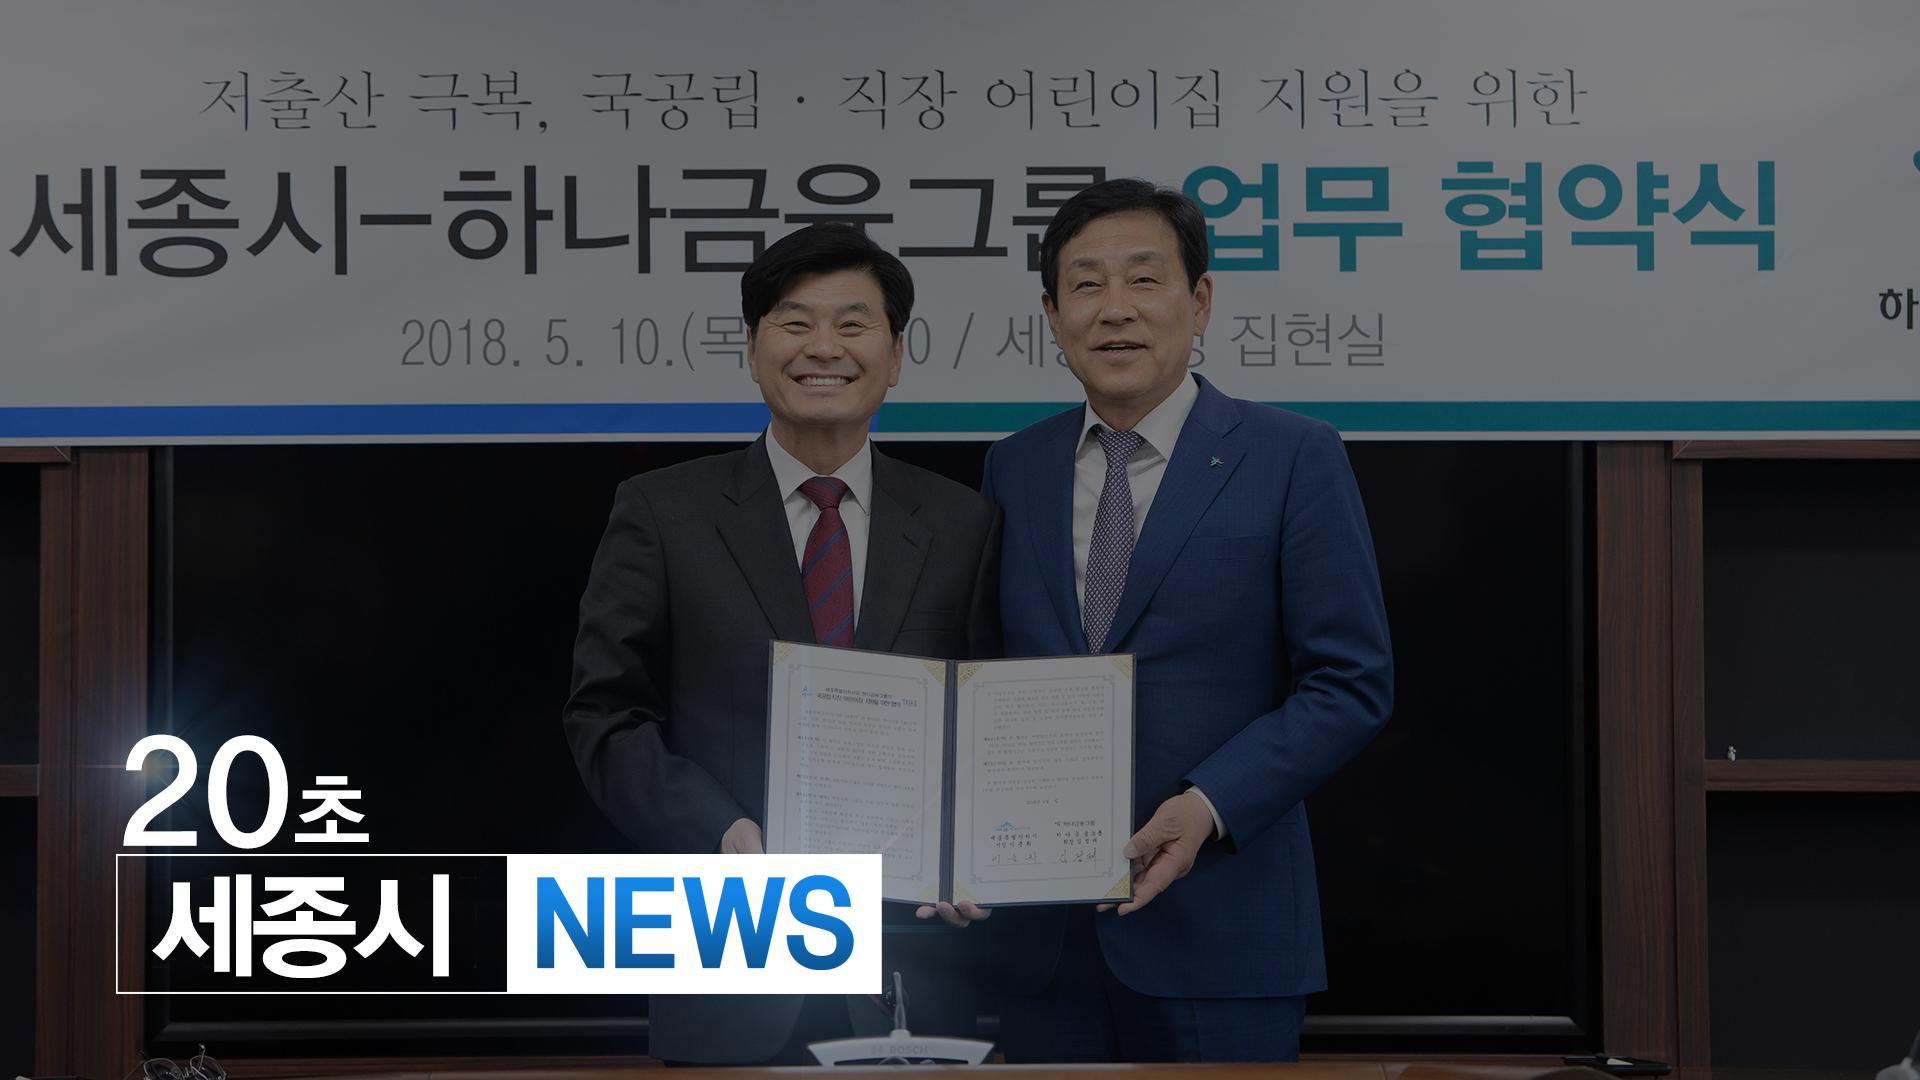 <20초뉴스> 세종시-하나금융그룹, 국공립·직장 어린이집 지원 협약